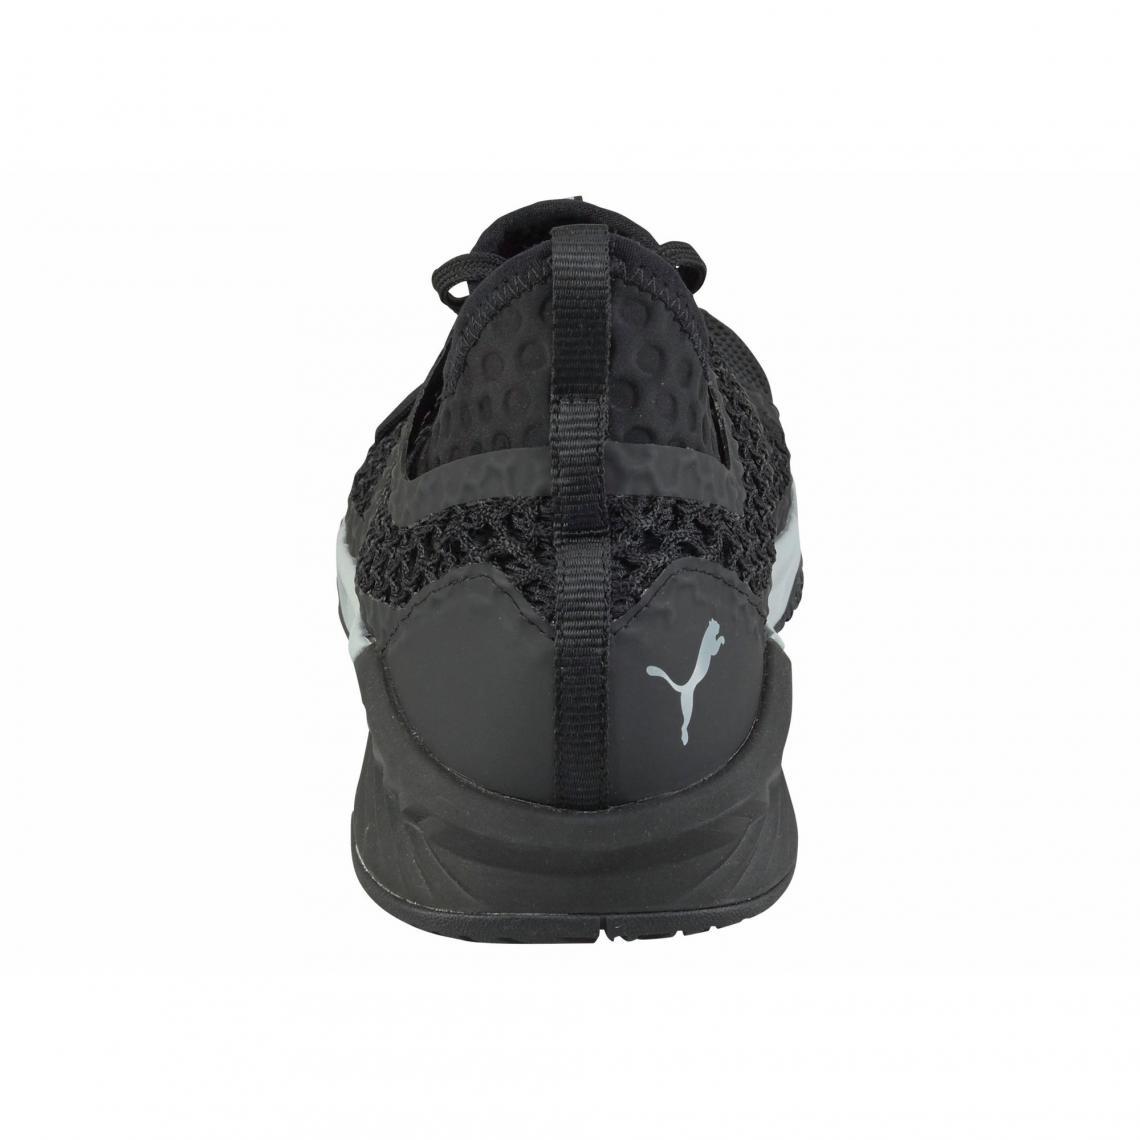 c80c8baaf62 Toutes les chaussures Puma Cliquez l image pour l agrandir. Puma Ignite  Netfit XT chaussures de sport homme - Noir ...